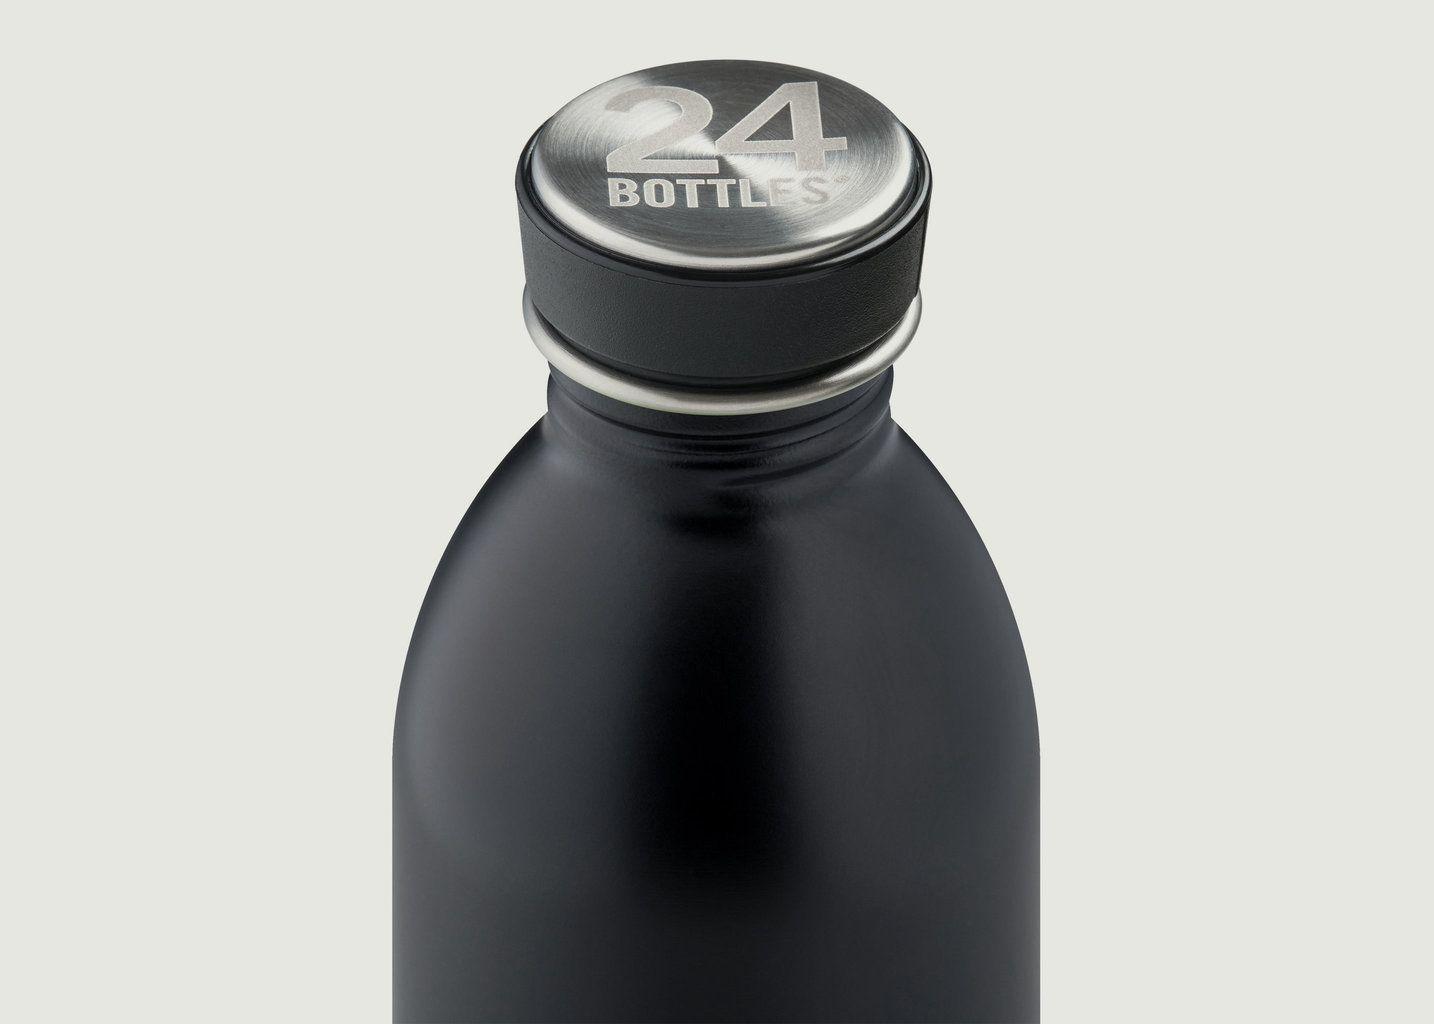 Urban Bottle 500ML Tuxedo Black - 24 Bottles